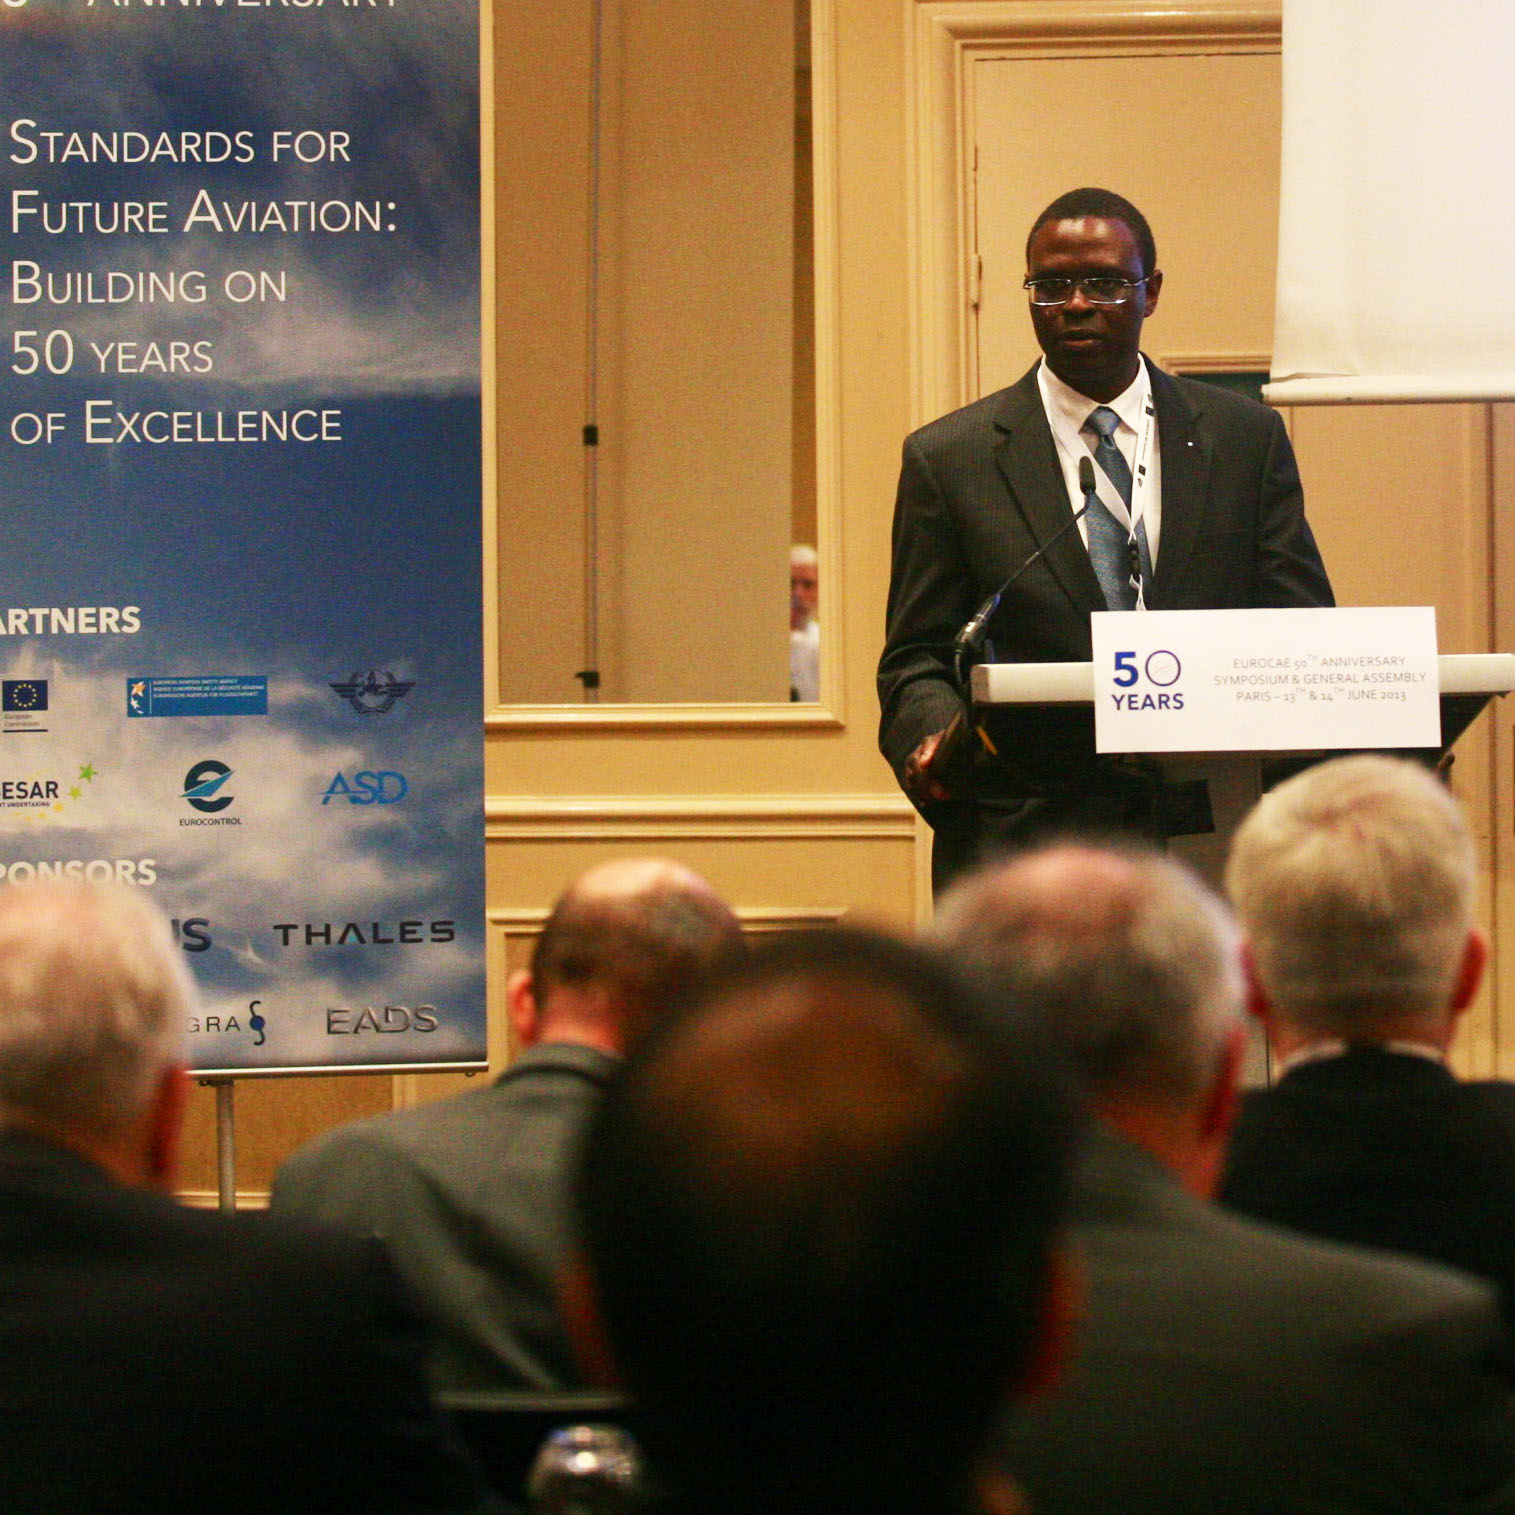 Abdoulaye NDIAYE, Abdoulaye Mady NDIAYE- EUROCAE Sec Gen